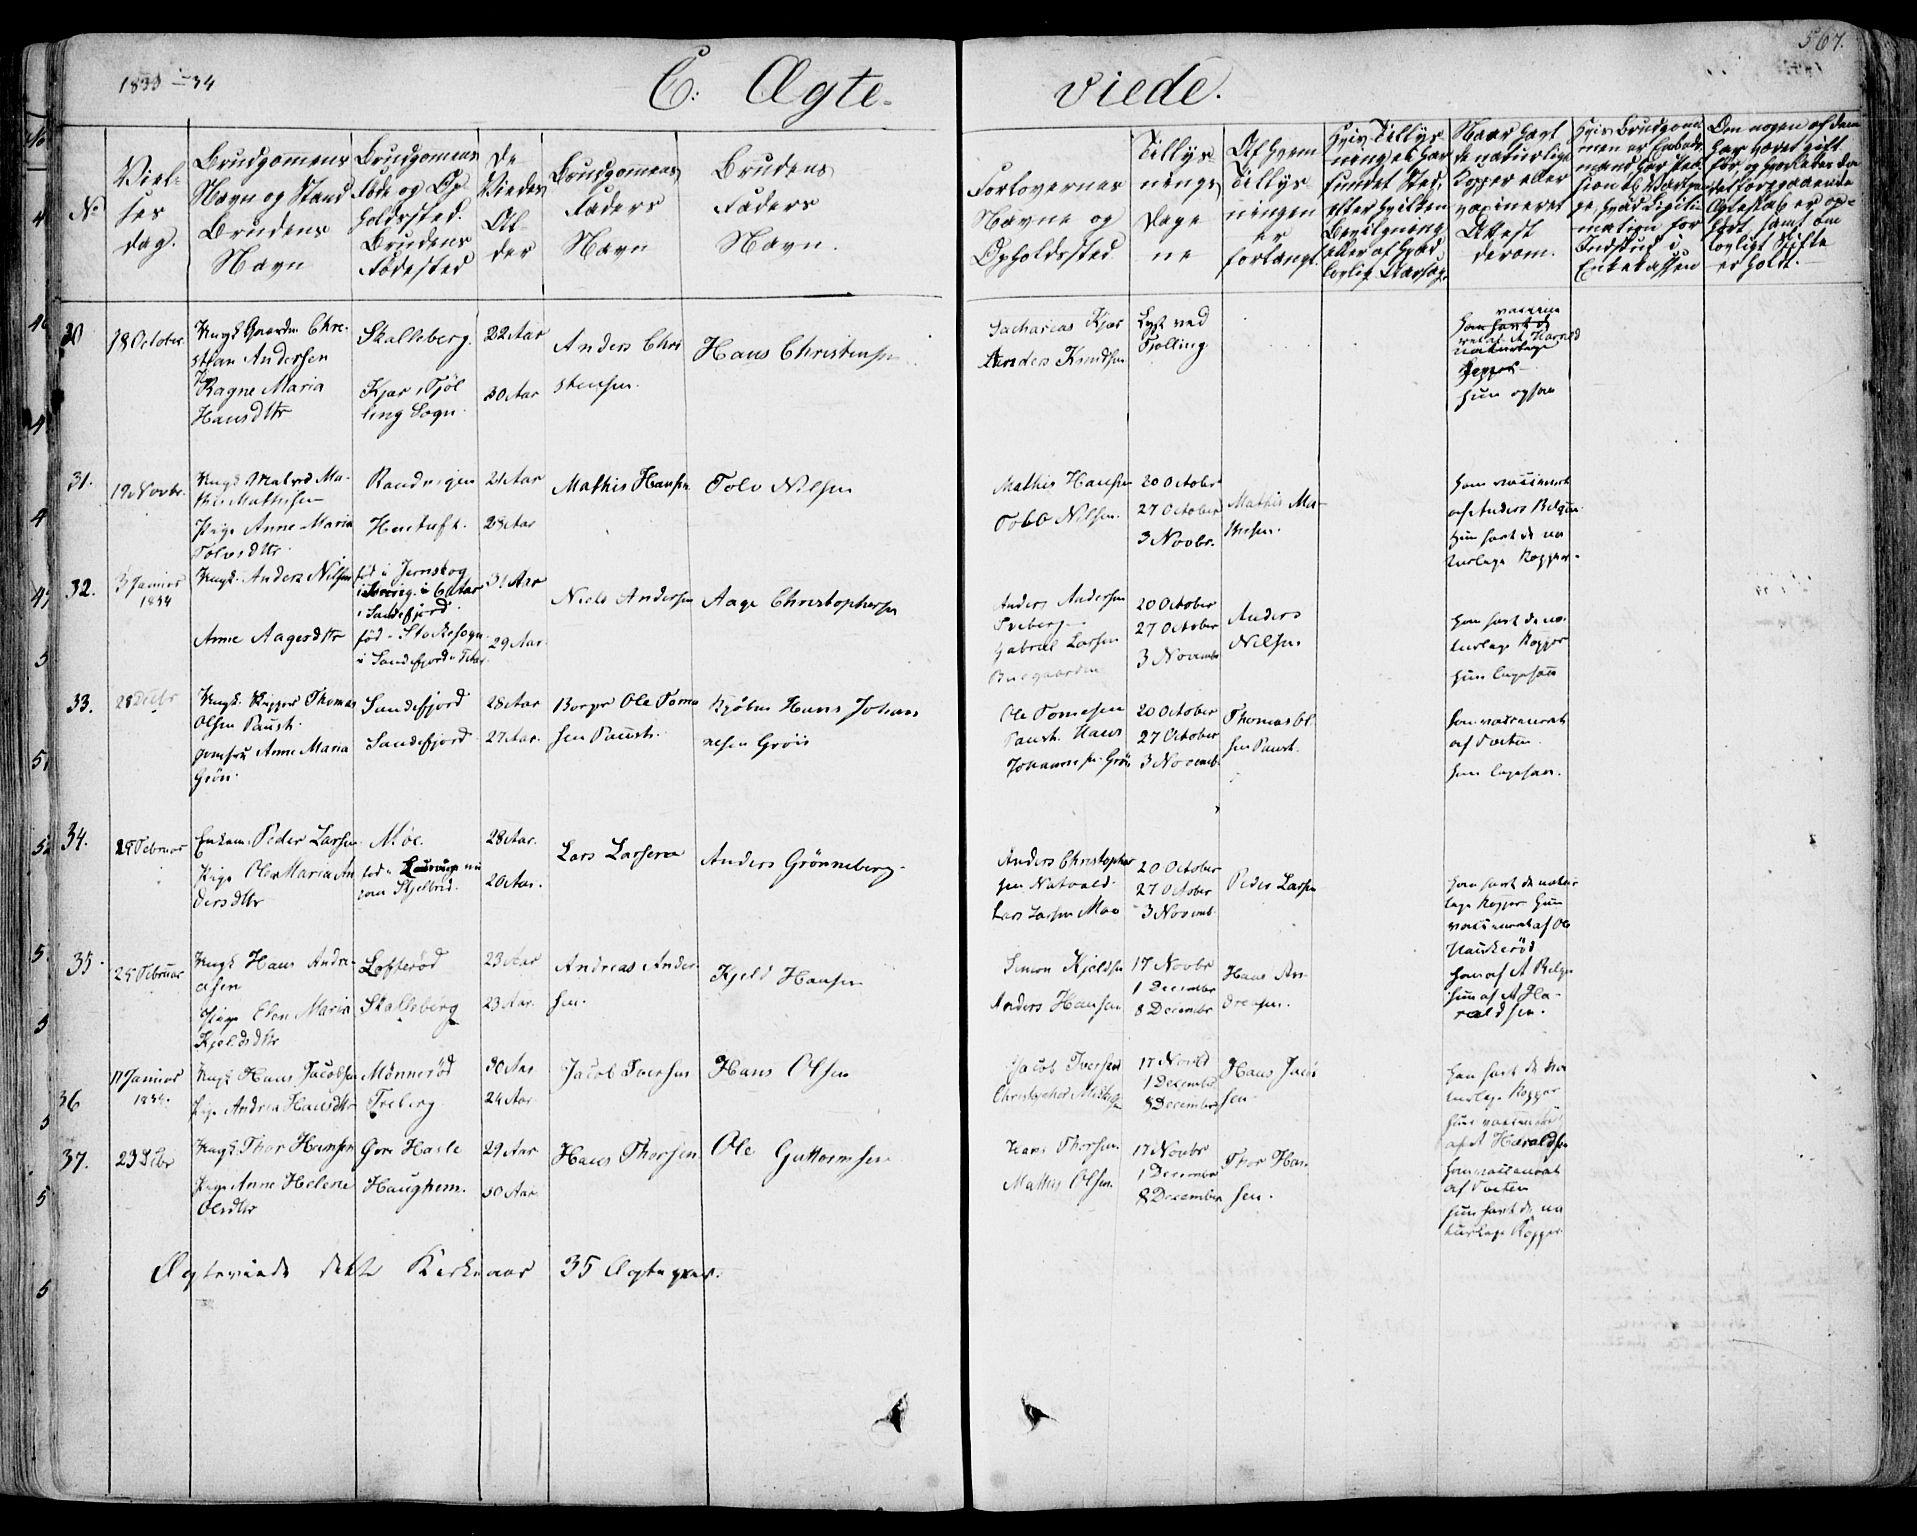 SAKO, Sandar kirkebøker, F/Fa/L0005: Ministerialbok nr. 5, 1832-1847, s. 566-567